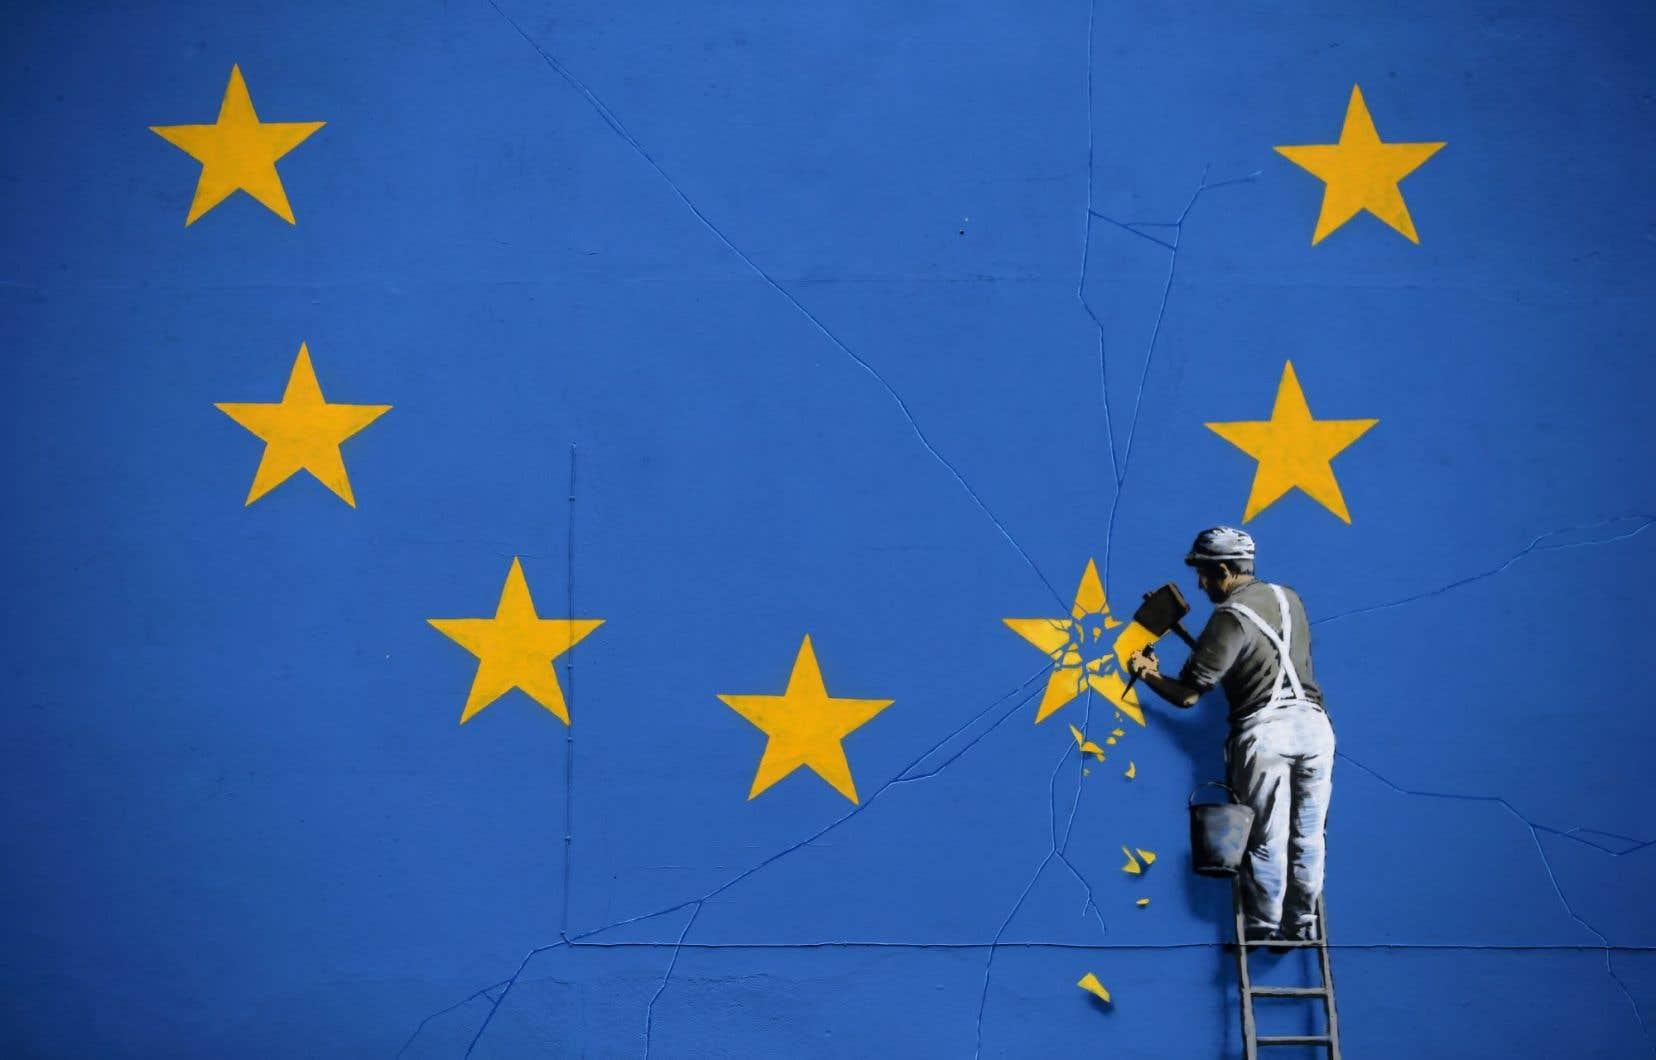 La piste a déjà été mentionnée à plusieurs reprises par ceux qui cherchent à tout prix à découvrir qui se cache derrière Banksy, un artiste dont les rares apparitions sont ultraprotégées.